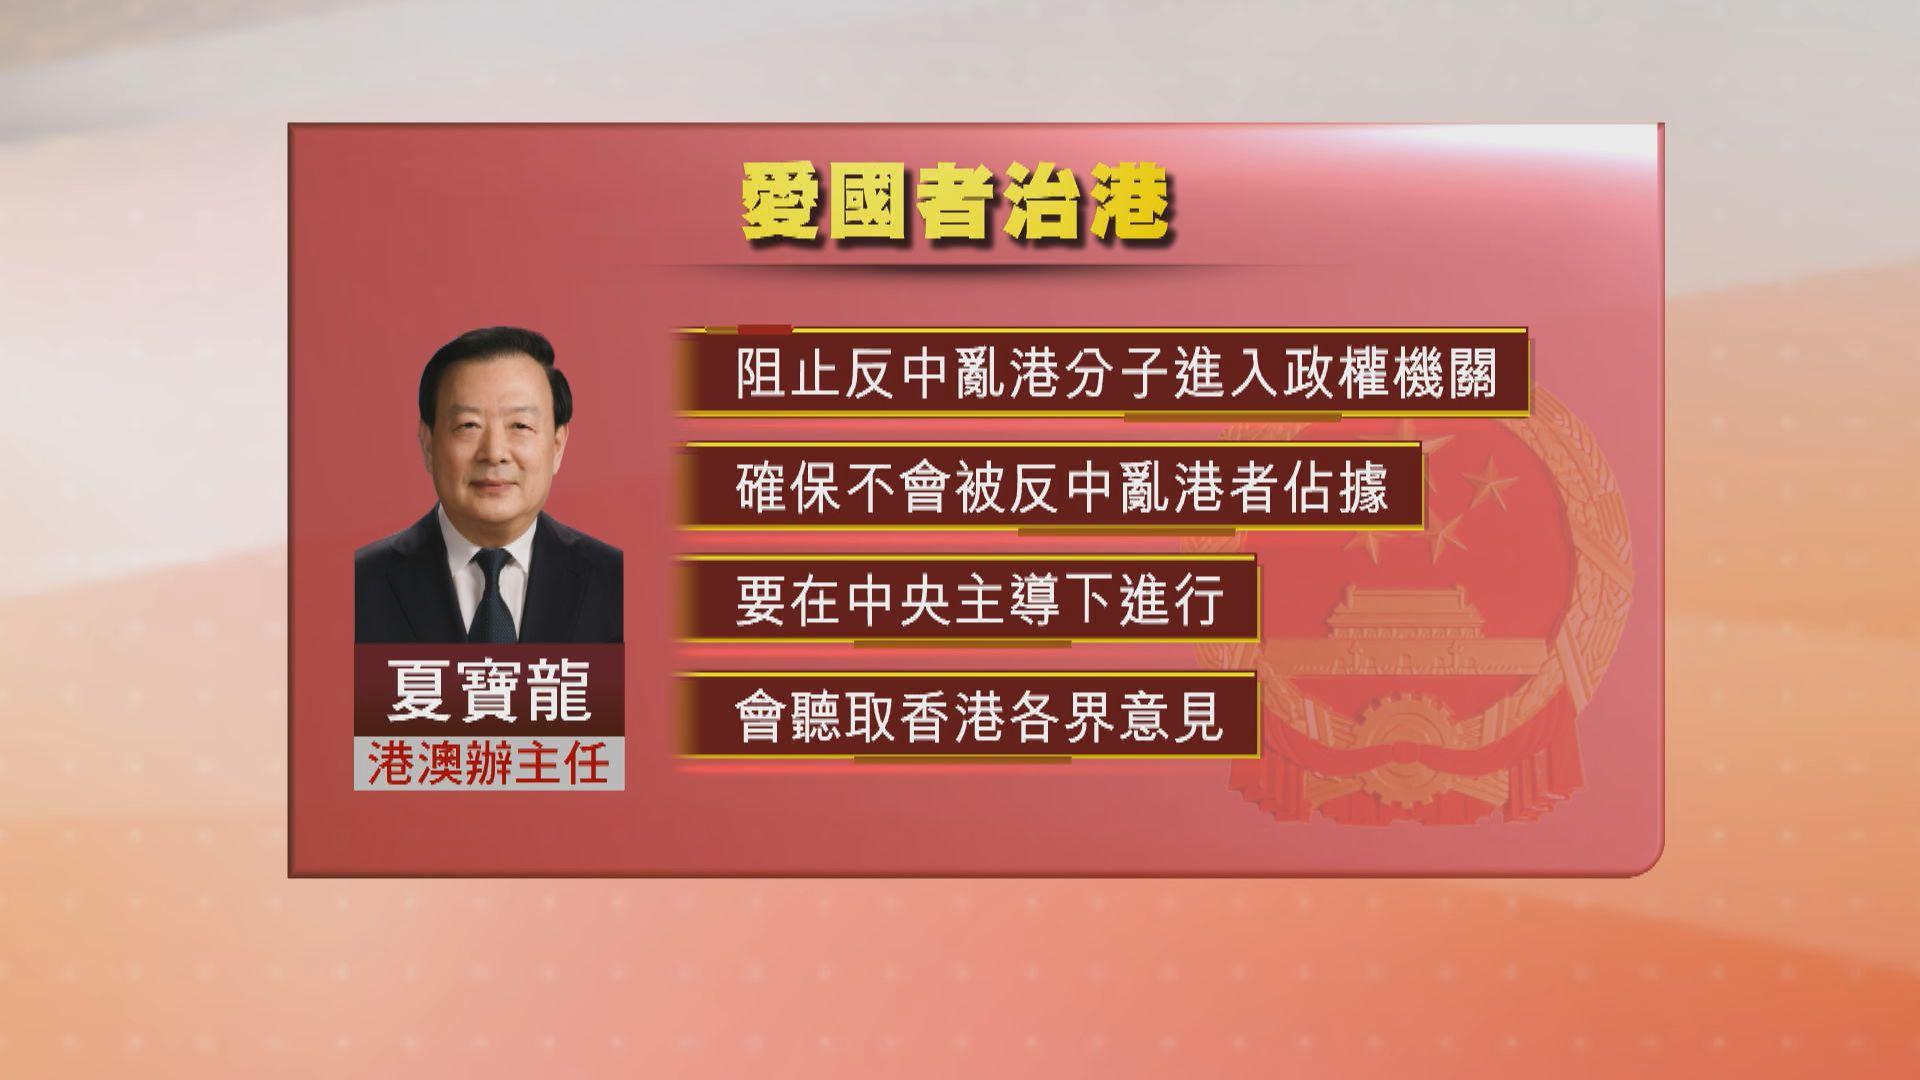 夏寶龍:要確保香港政權機關不被反中亂港者佔據